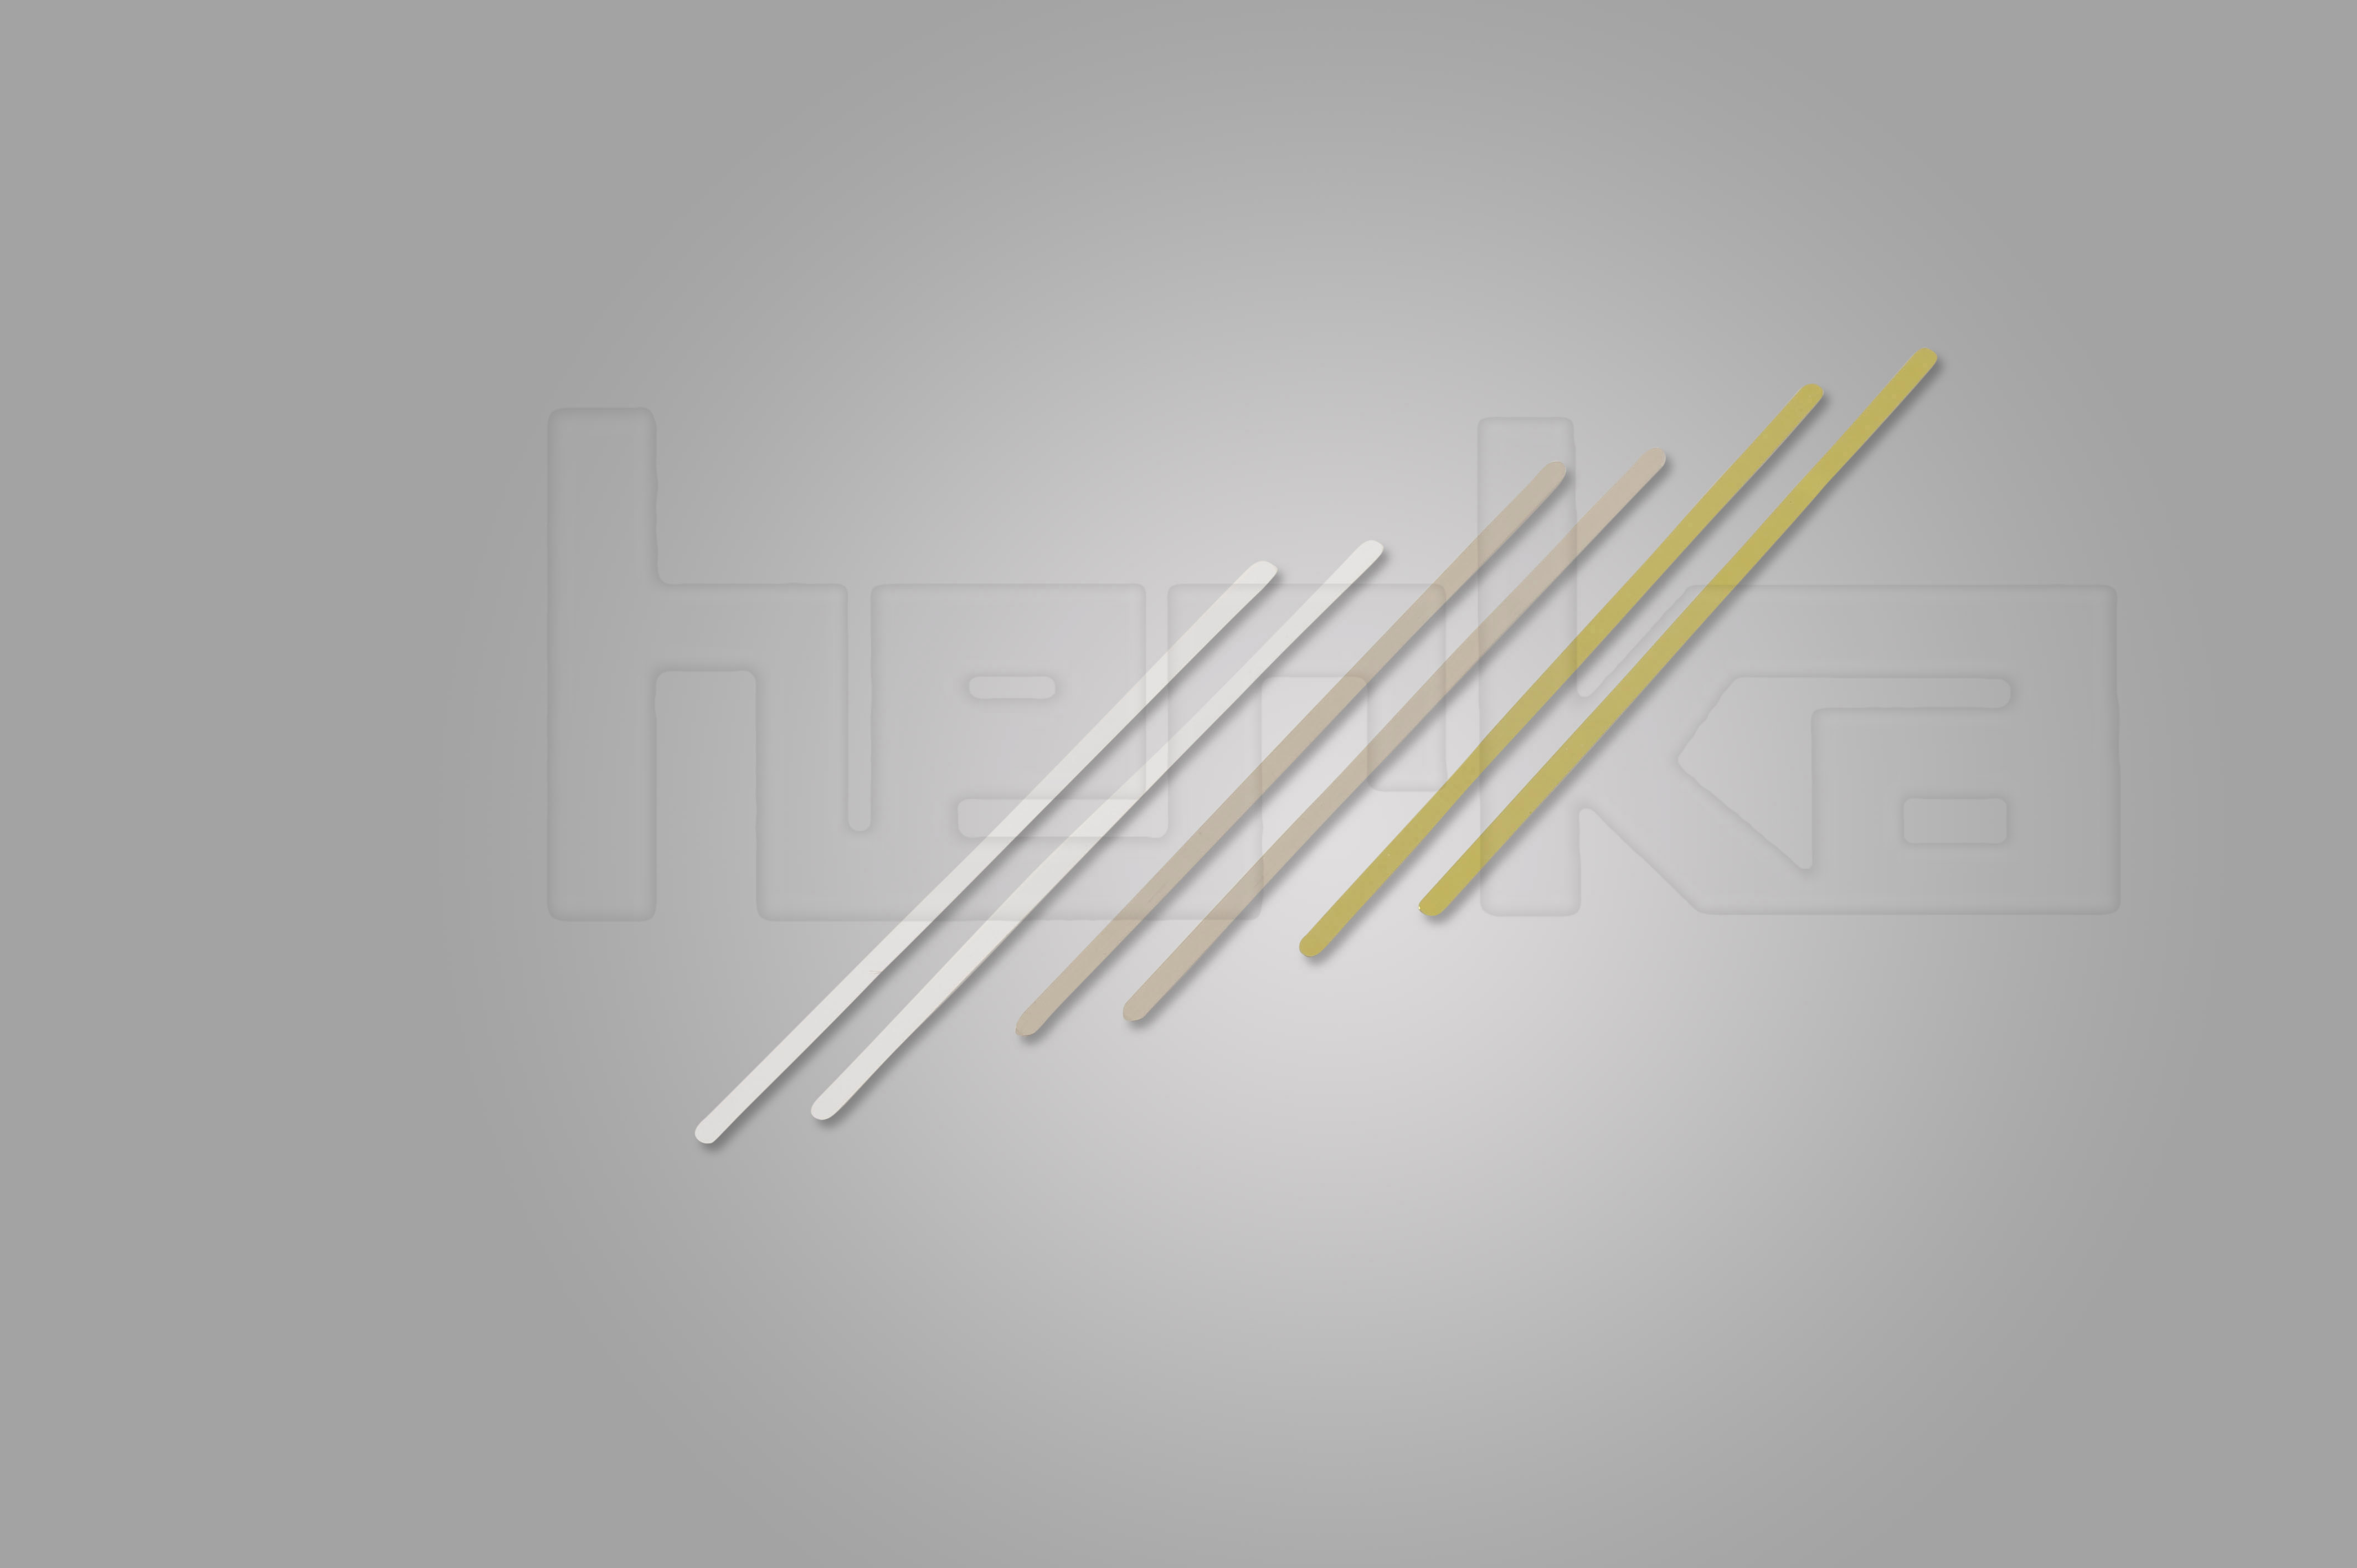 Heftbänder aus Stahl -  4,5 mm breit